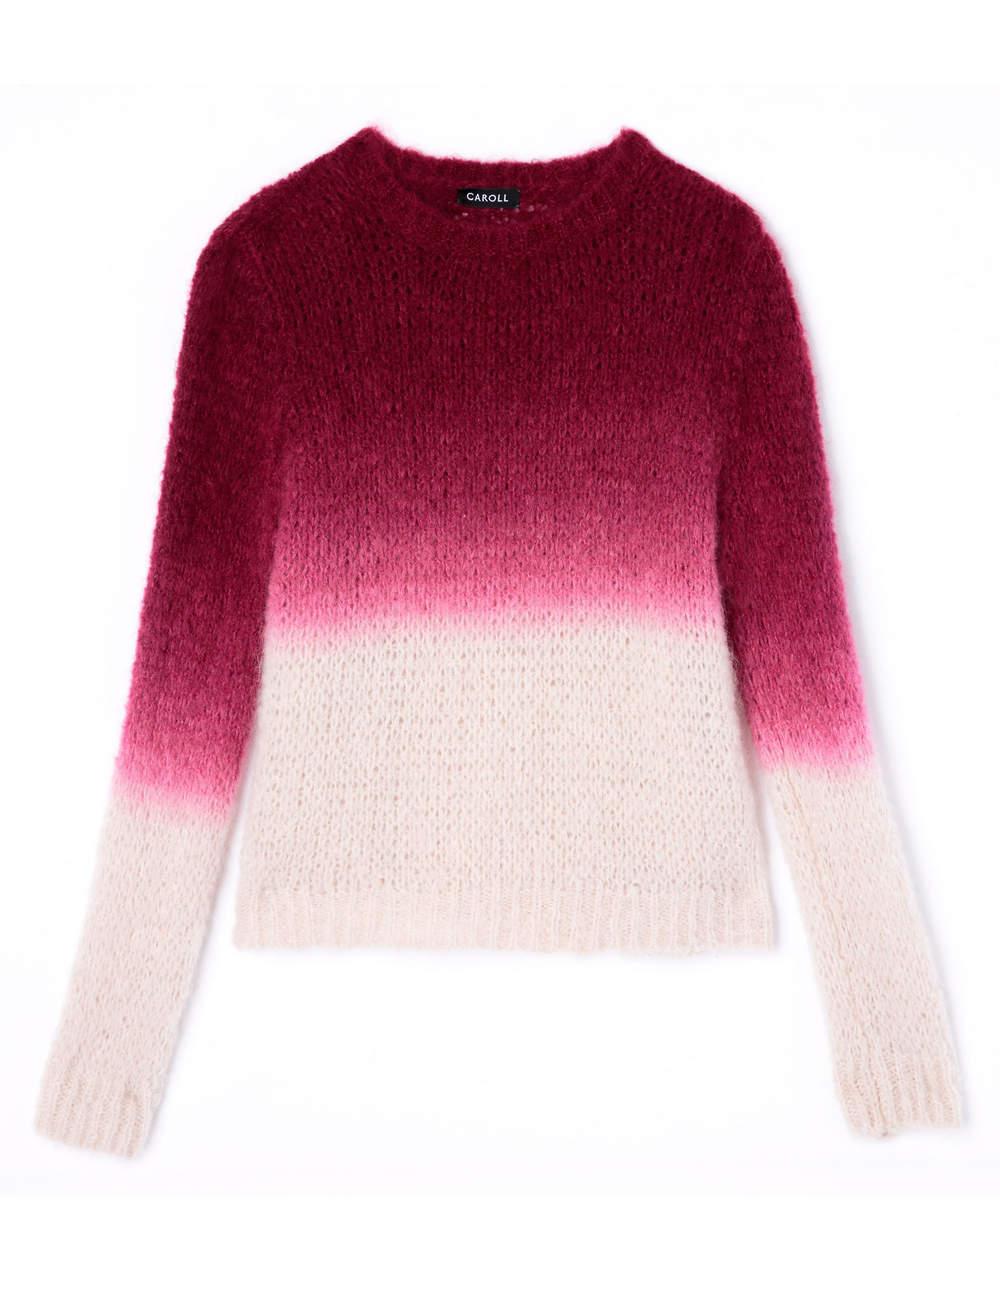 Pull en maille, en laine mélangée, Caroll, 119€.